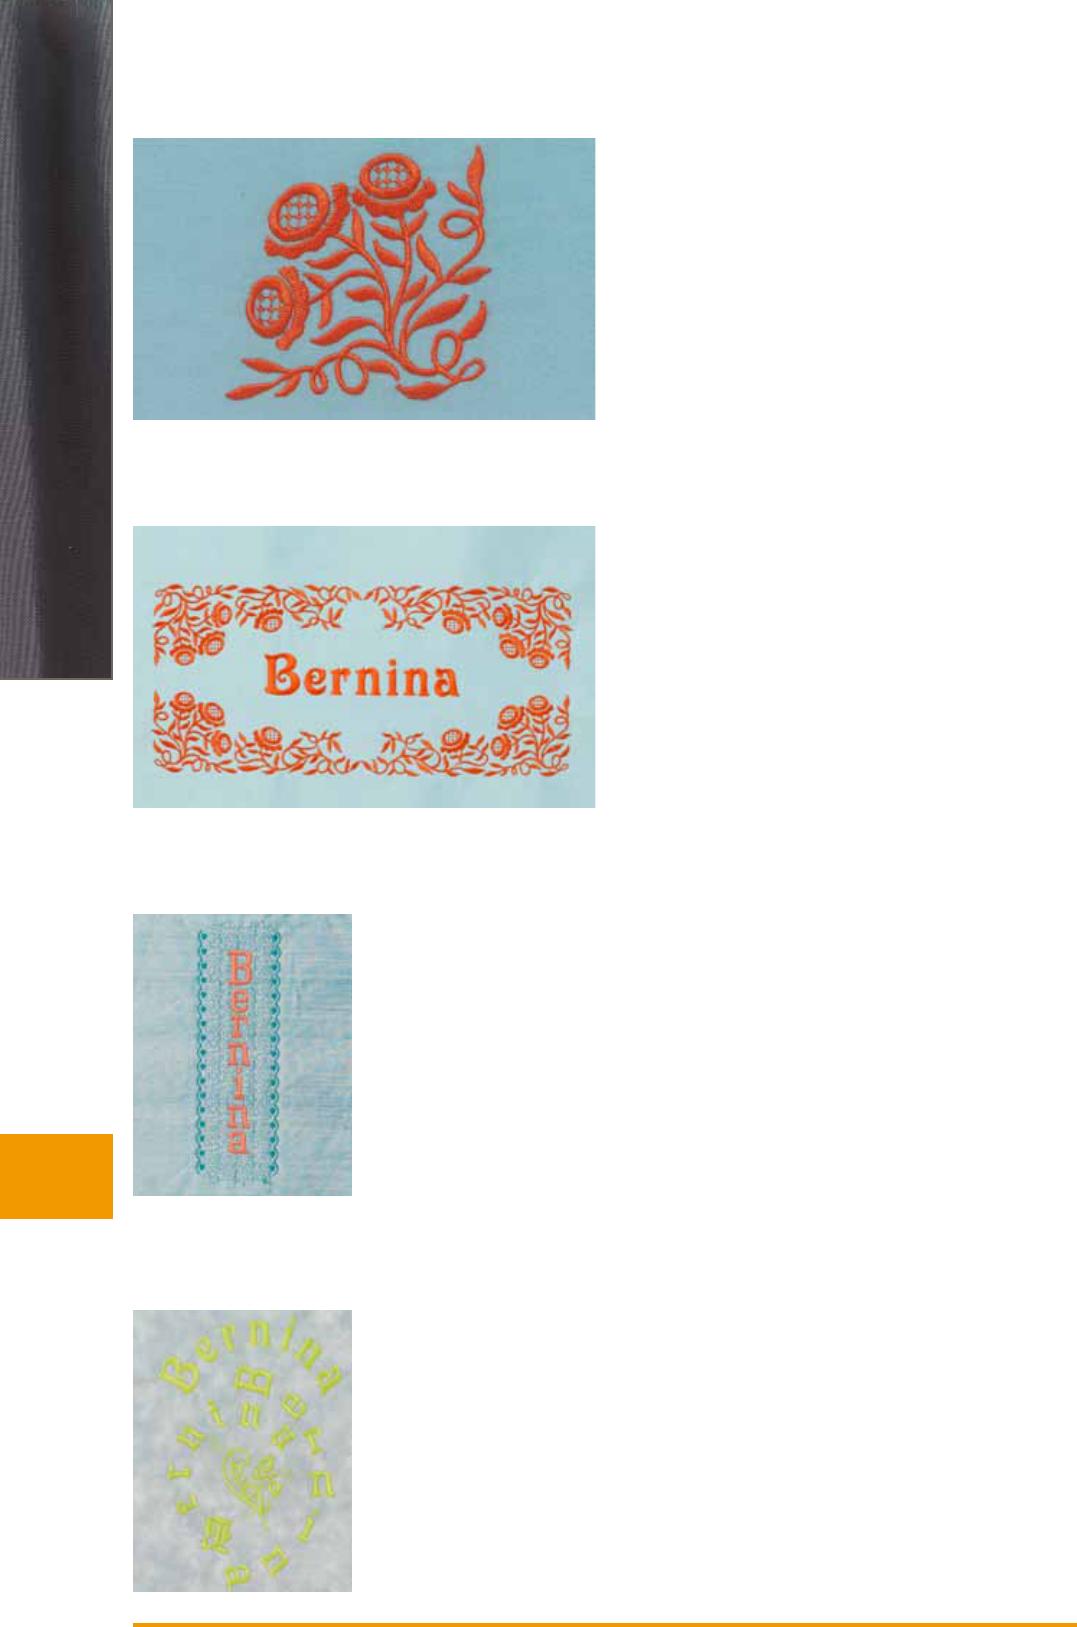 Bedienungsanleitung Bernina 820 (Seite 162 von 216) (Deutsch)